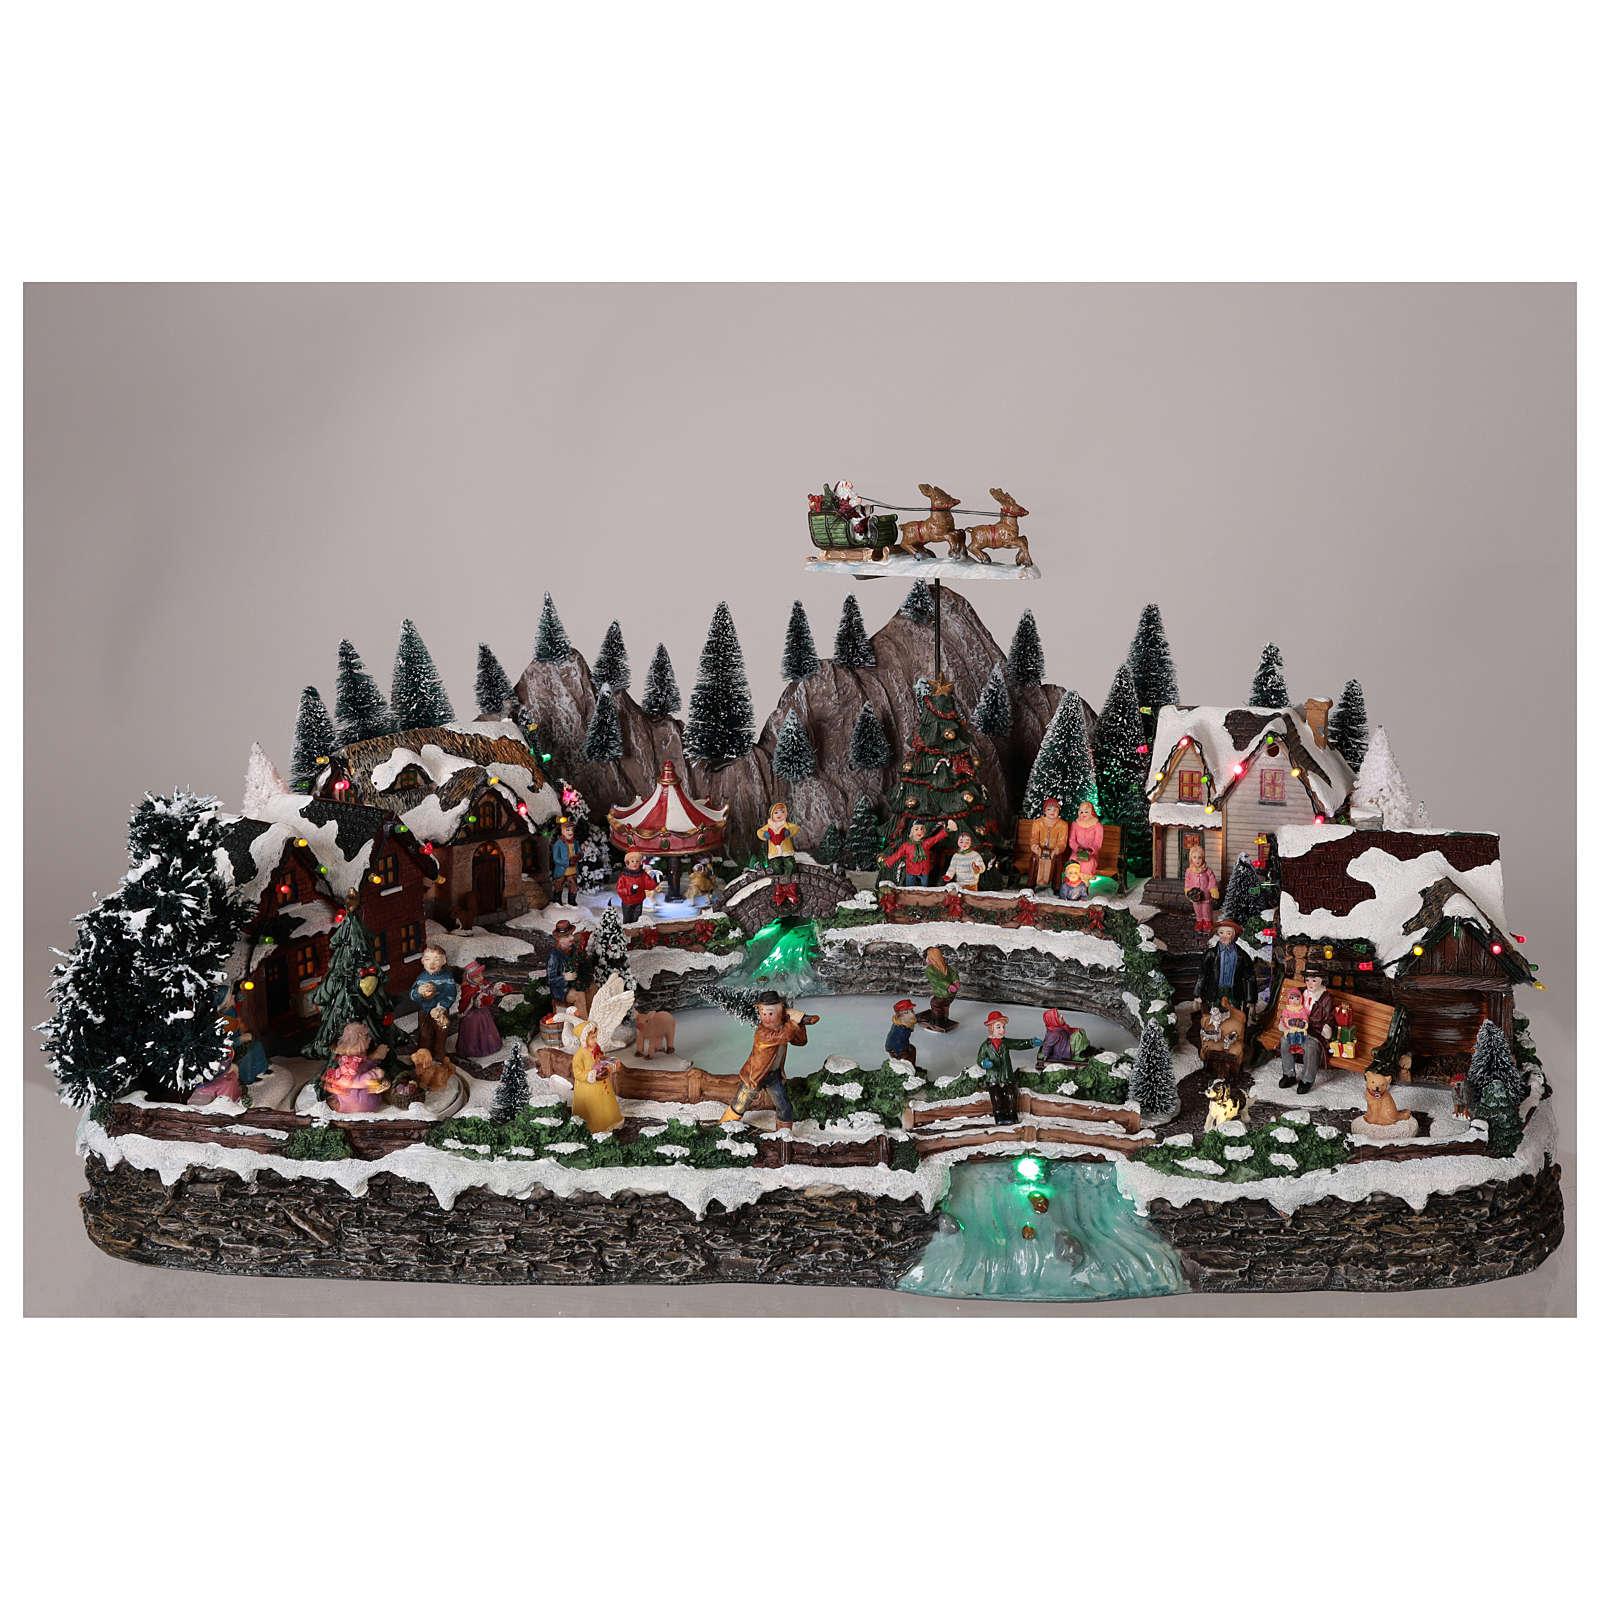 Villaggio natalizio resina lago ghiacciato movimento illuminazione 35x65x40 cm 3